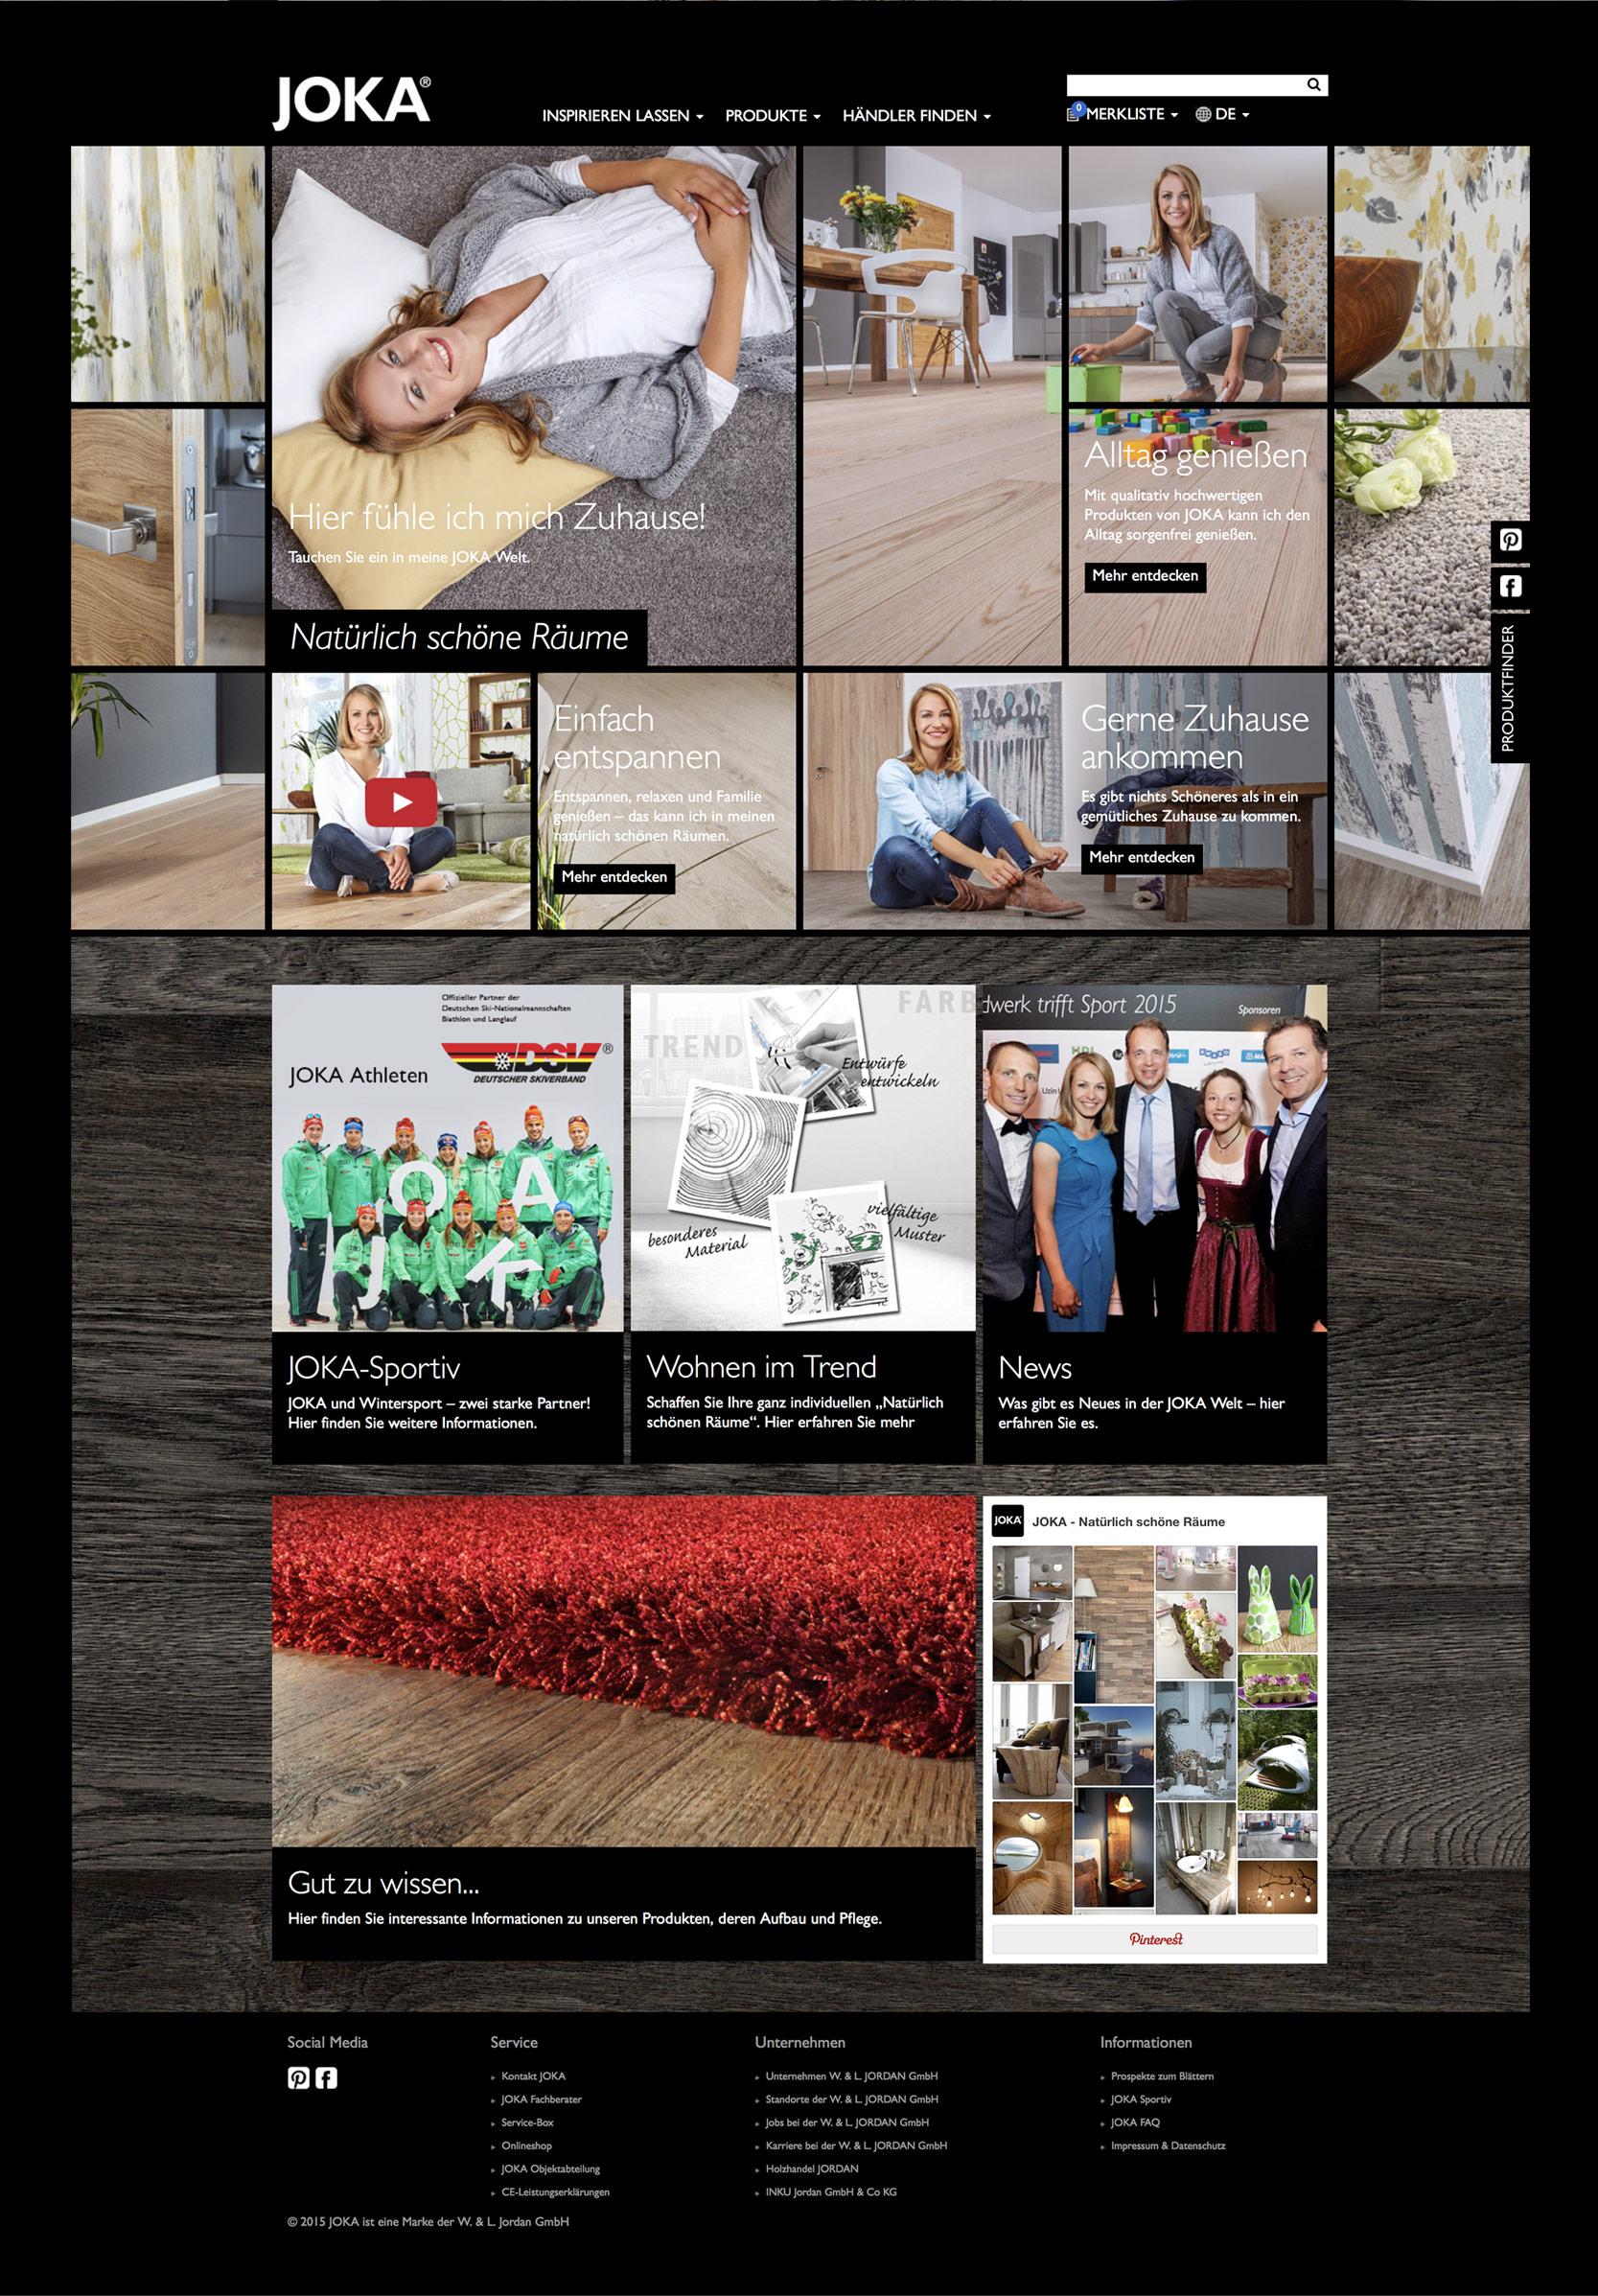 Startseite der JOKA Website